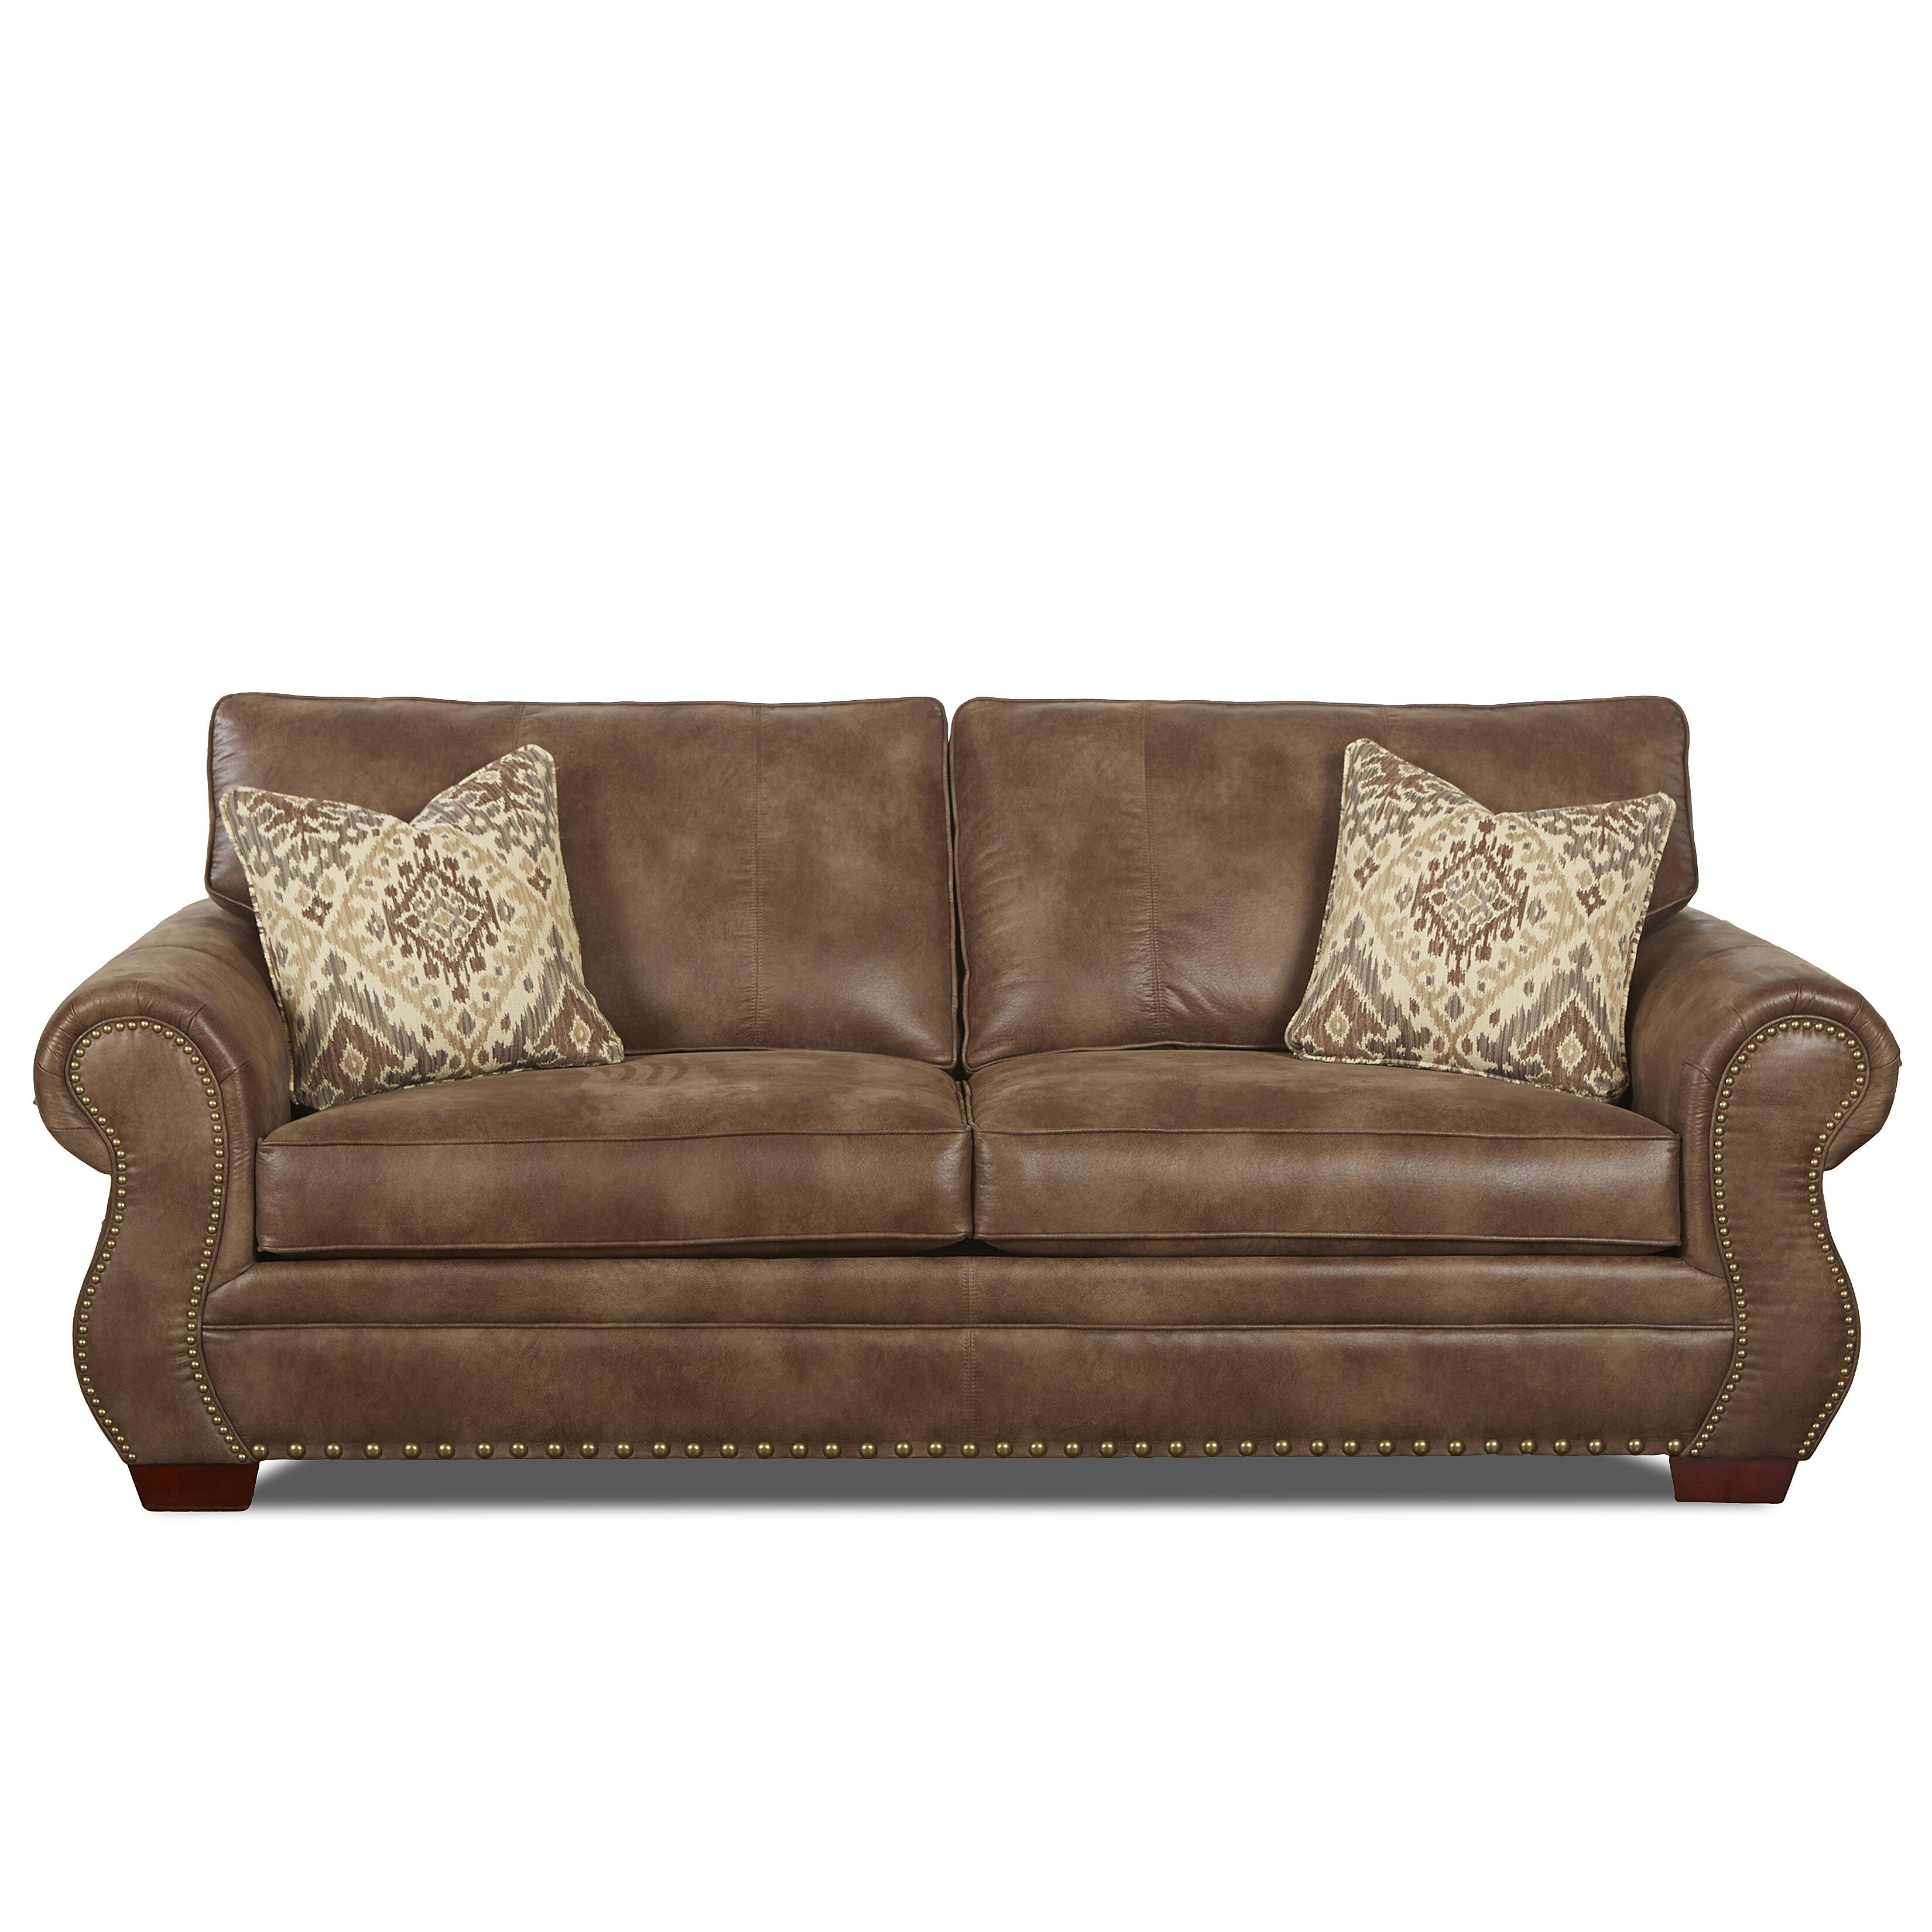 Klaussner furniture jackie sofa reviews wayfair for Klaussner sofa